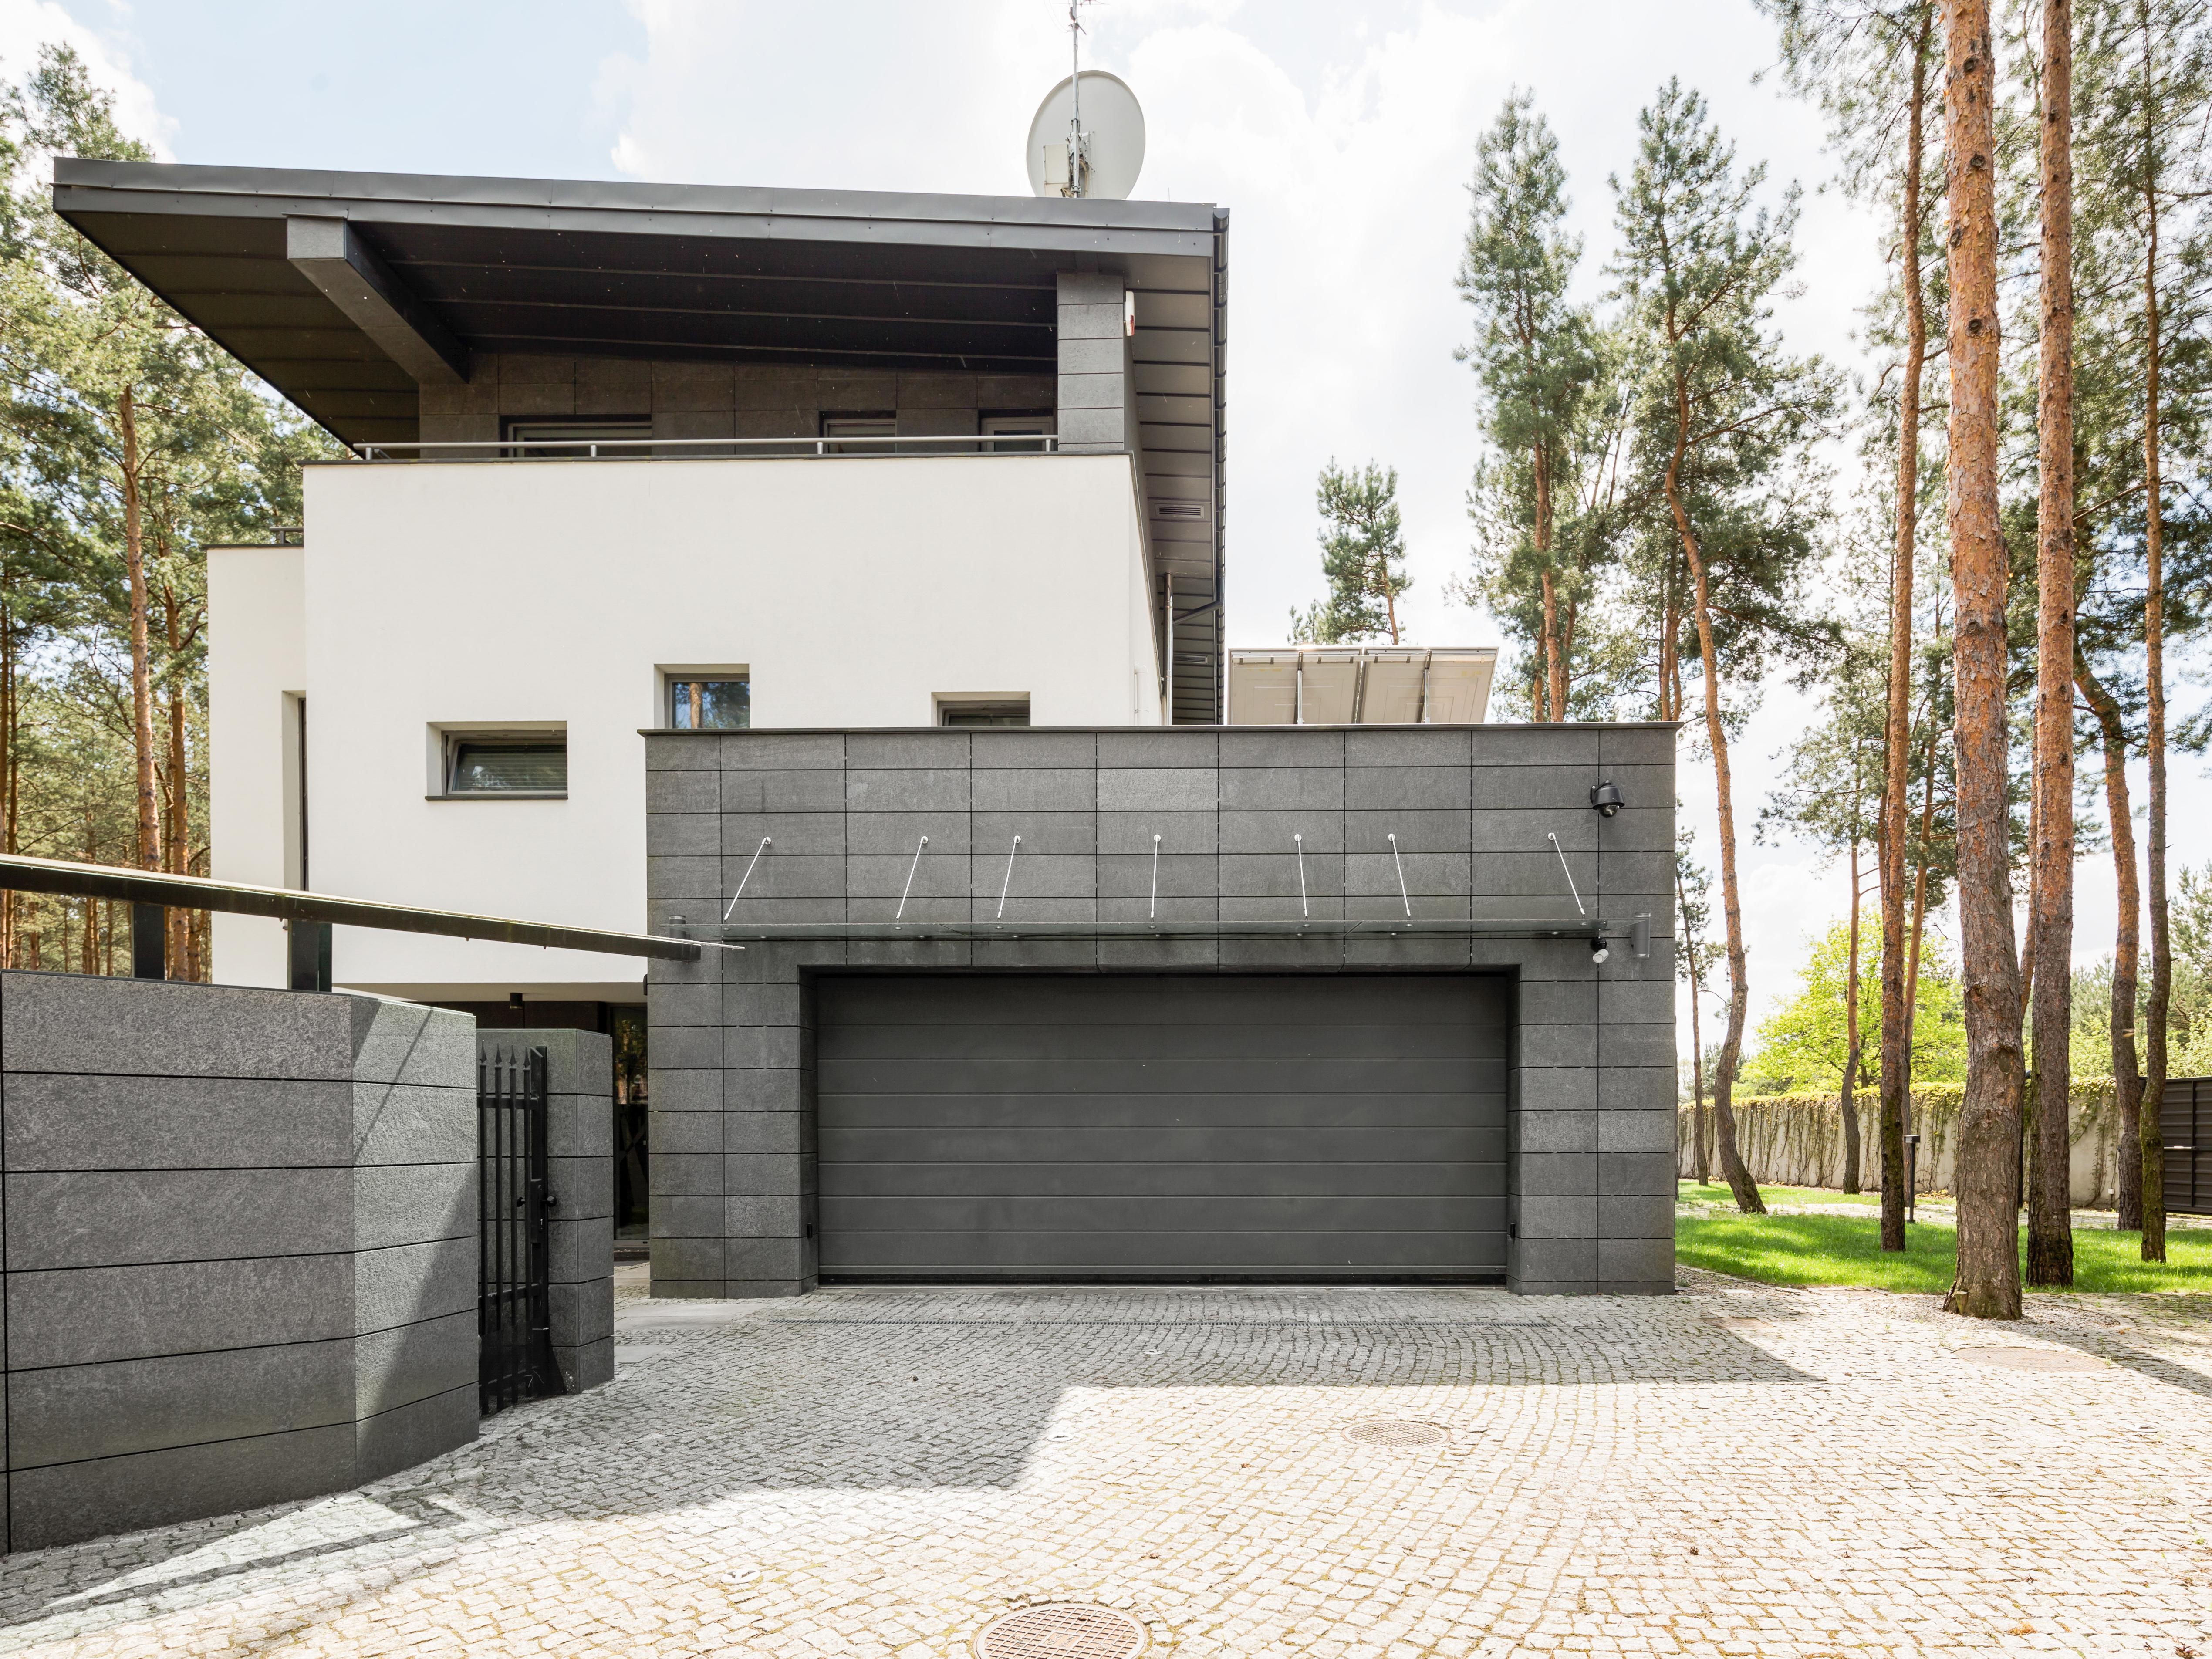 Fabulous Garage - aus Beton, Alu, Holz und Stein - bauen.de MJ97